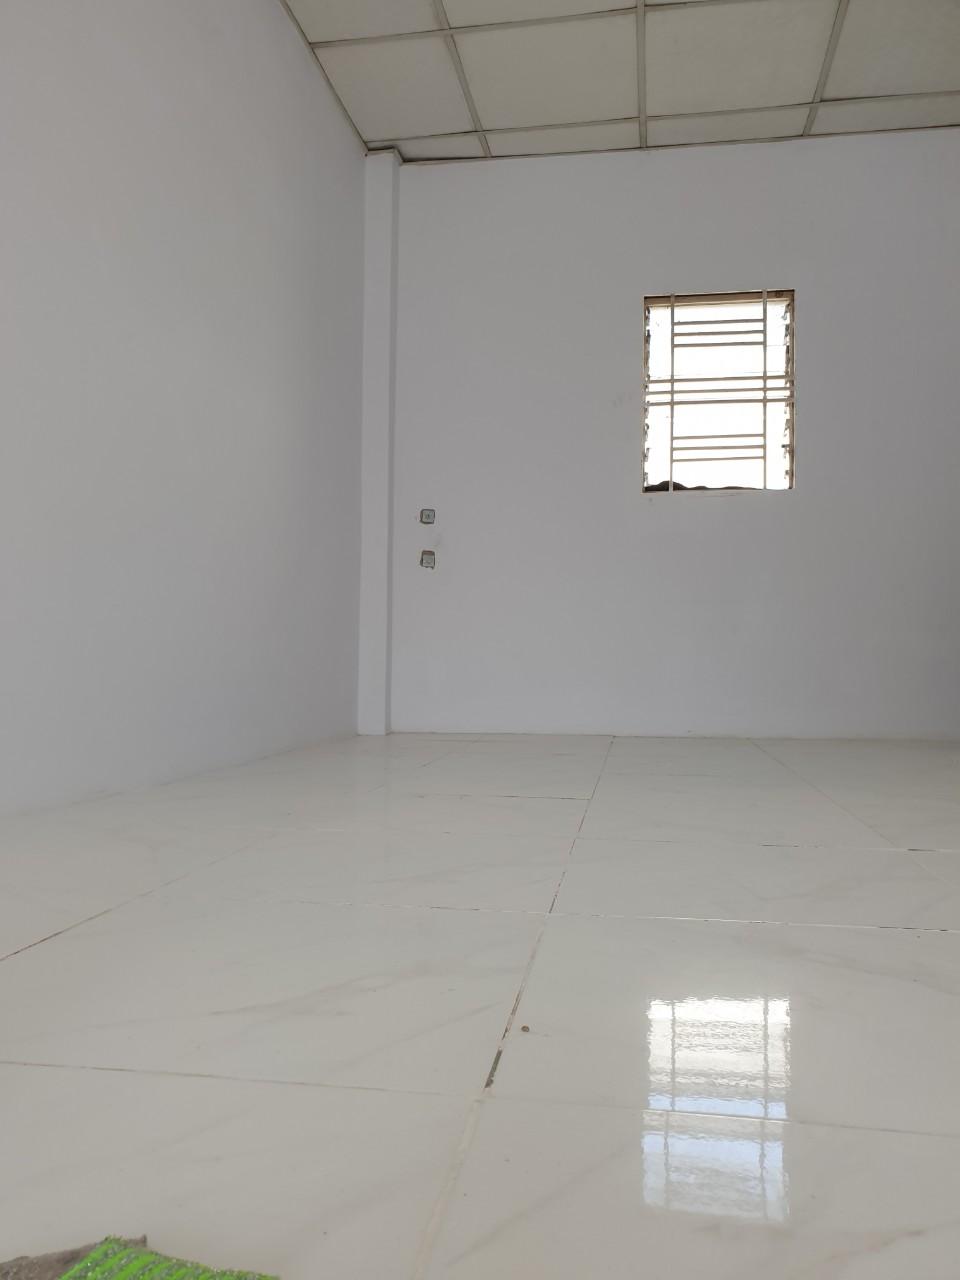 Bán nhà hẻm 2941 Phạm Thế Hiển phường 7 Quận 8 giá 1,2 tỷ